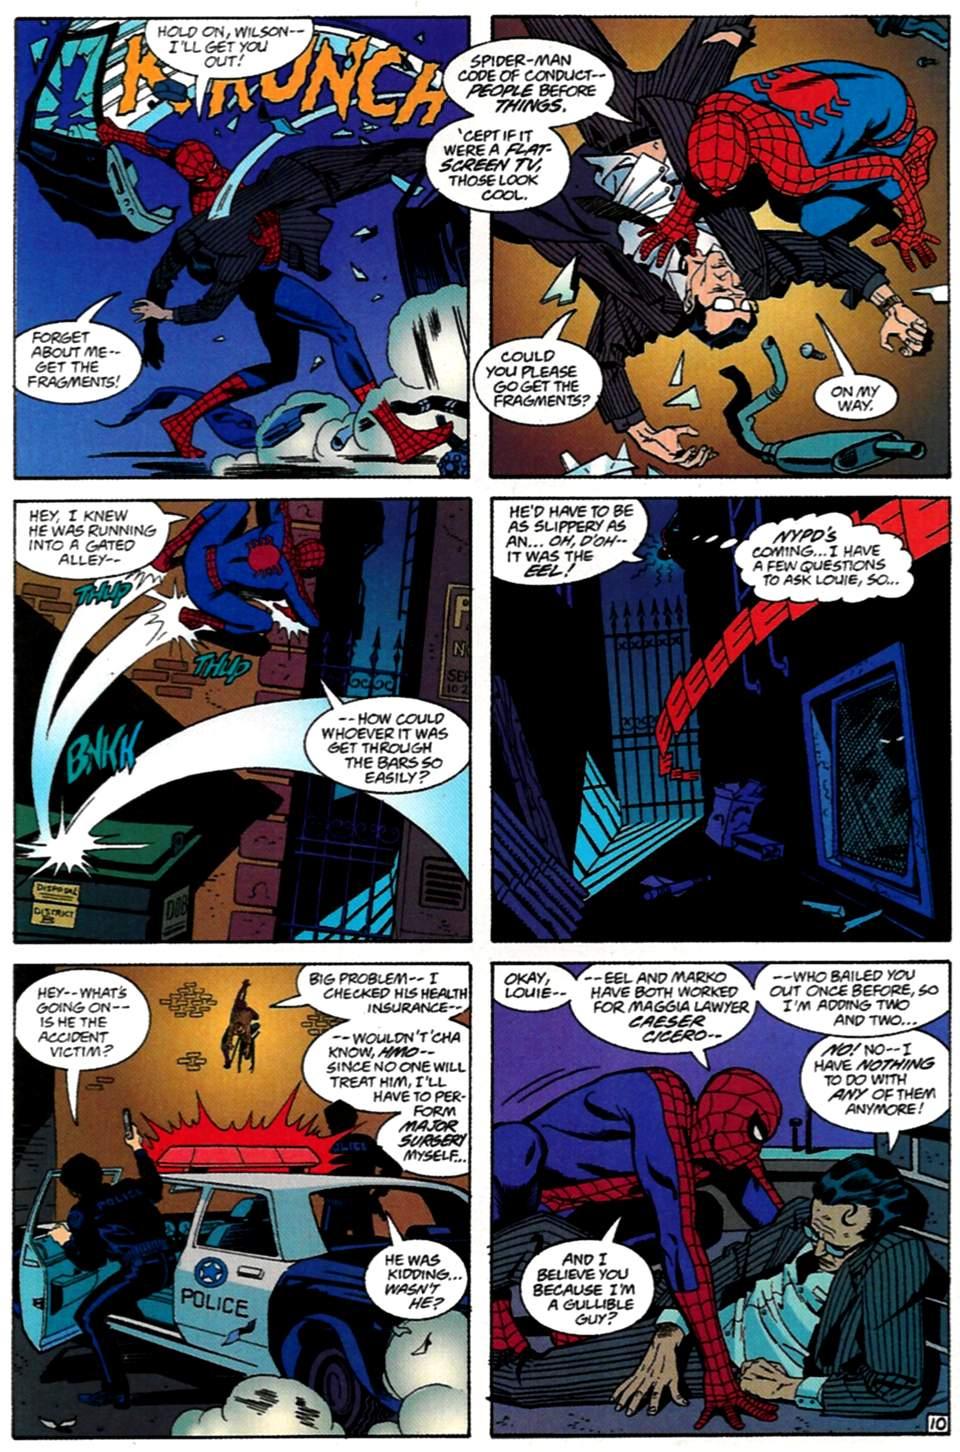 Read online Spider-Man: Lifeline comic -  Issue #1 - 11